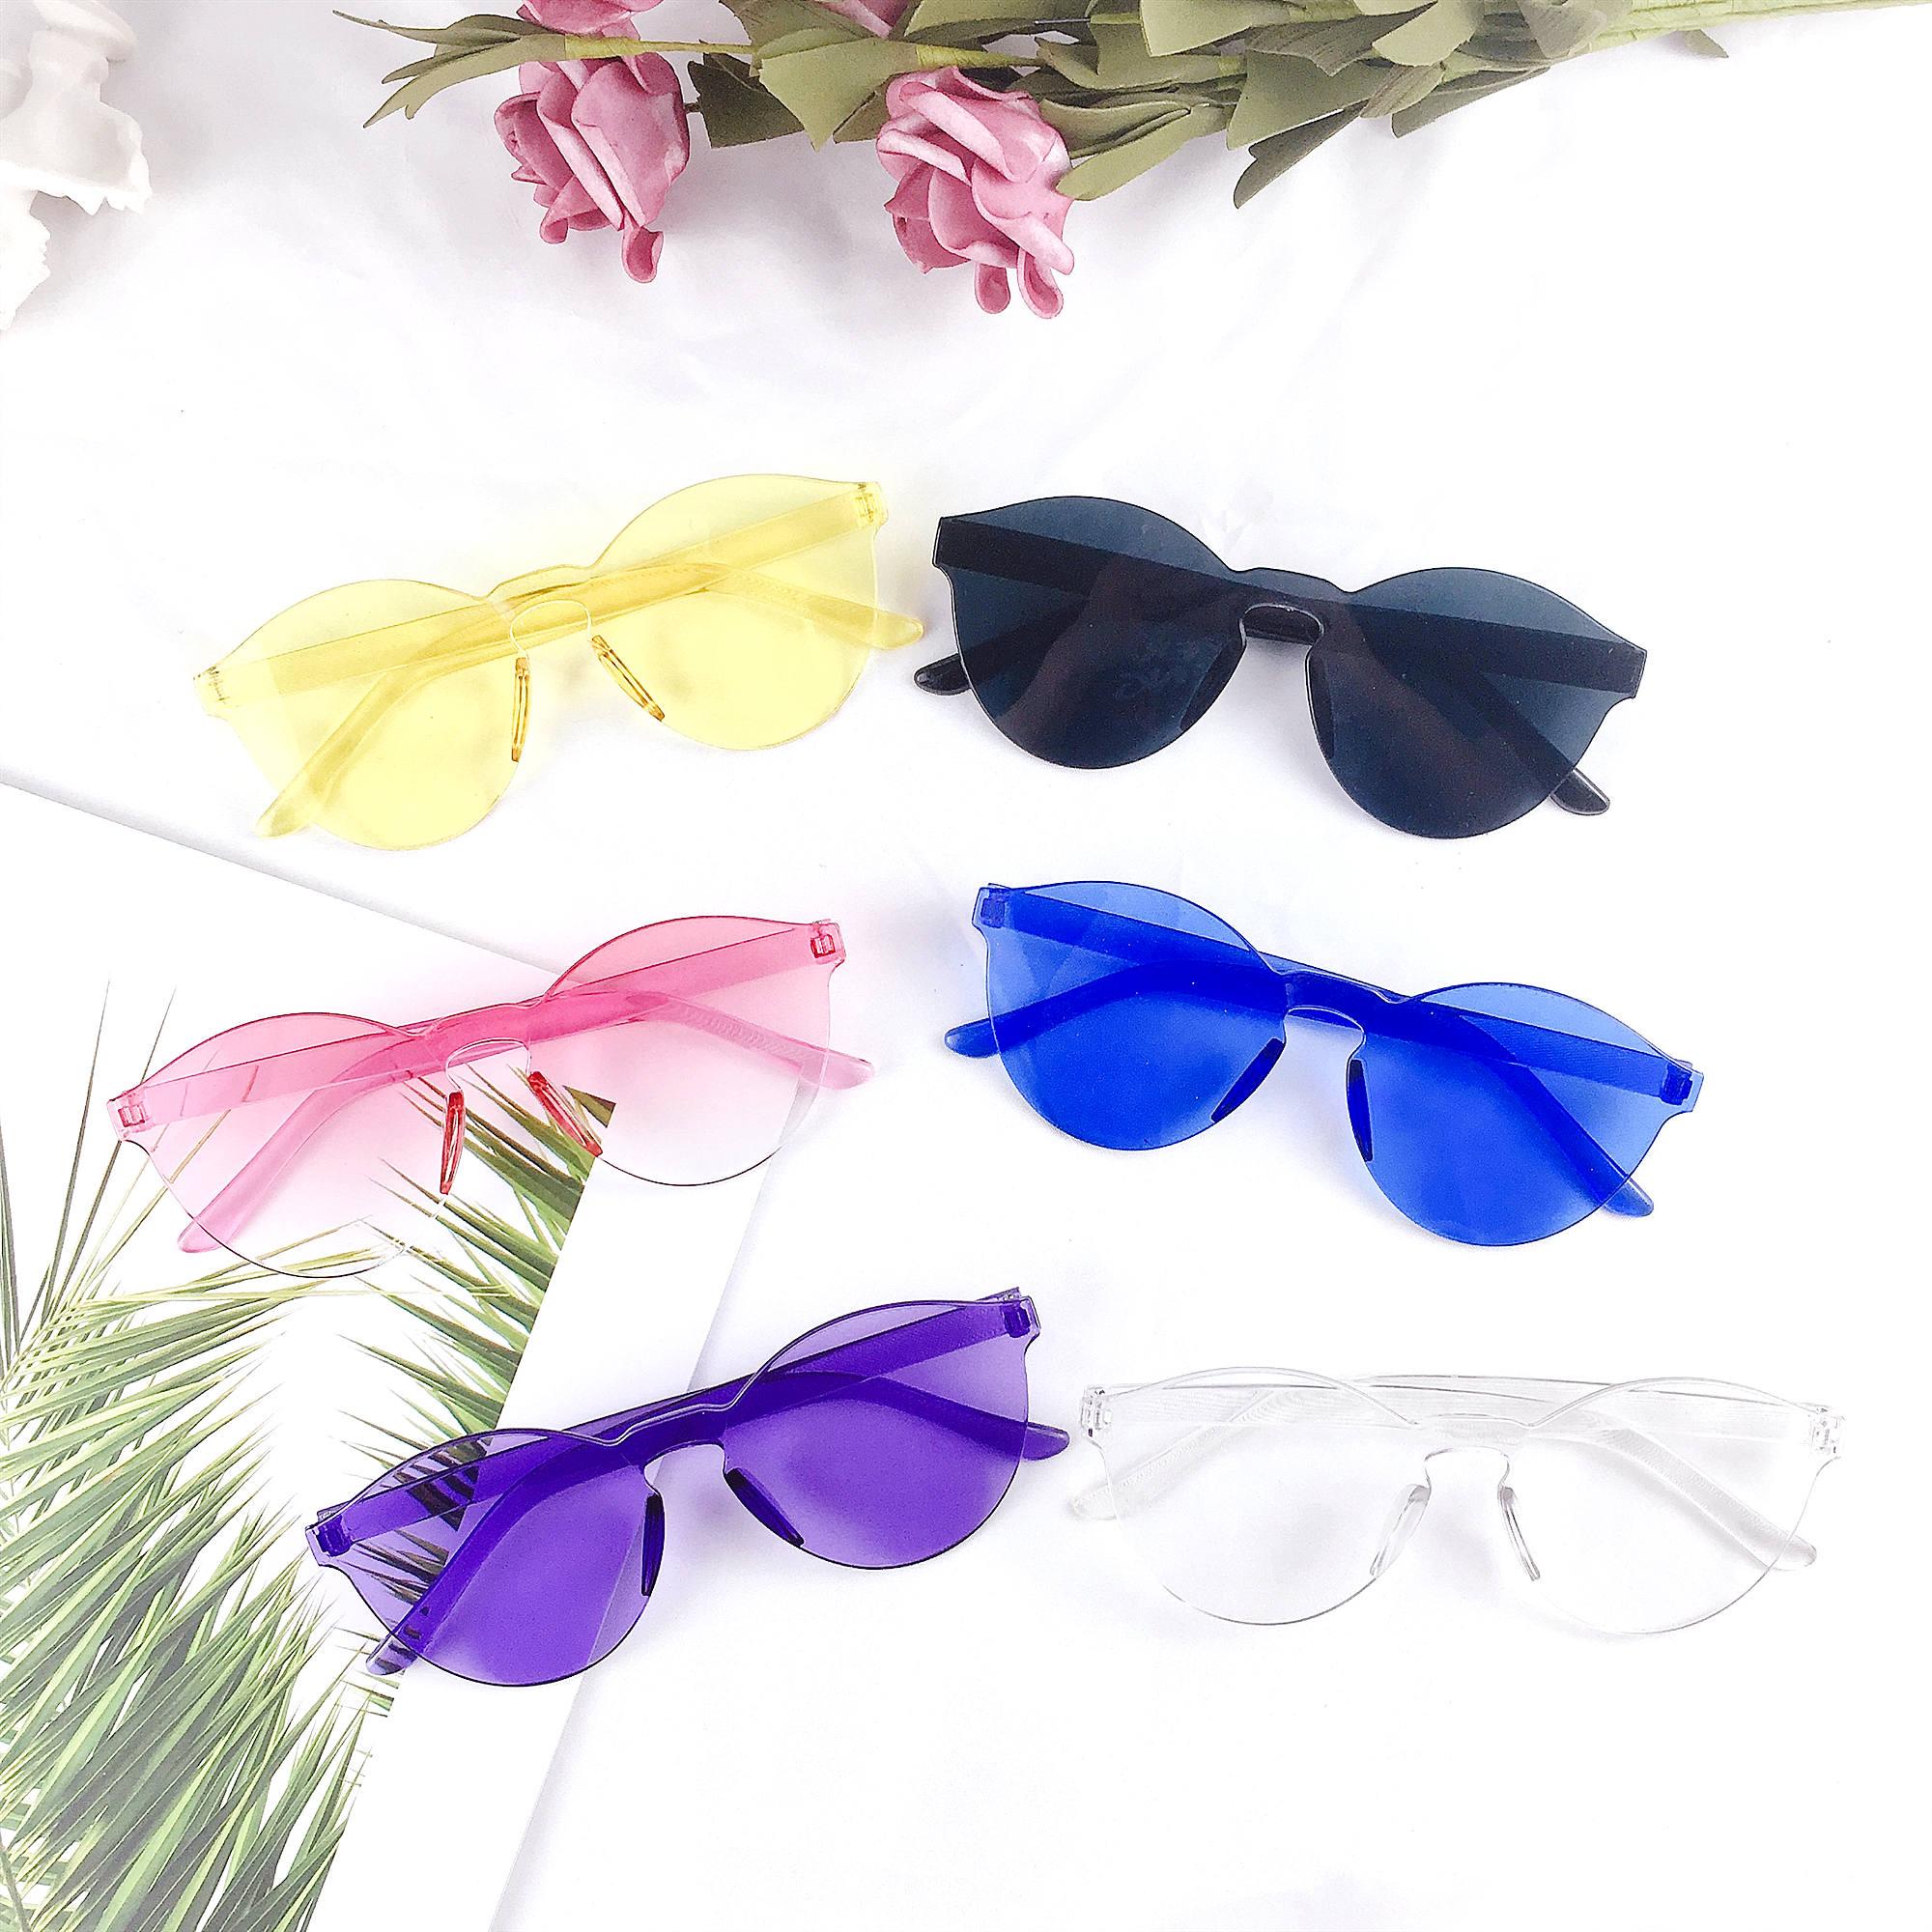 ﹗ 2019 новые сиамские солнцезащитные очки женщины прозрачные пластиковые очки дизайнер солнцезащитные